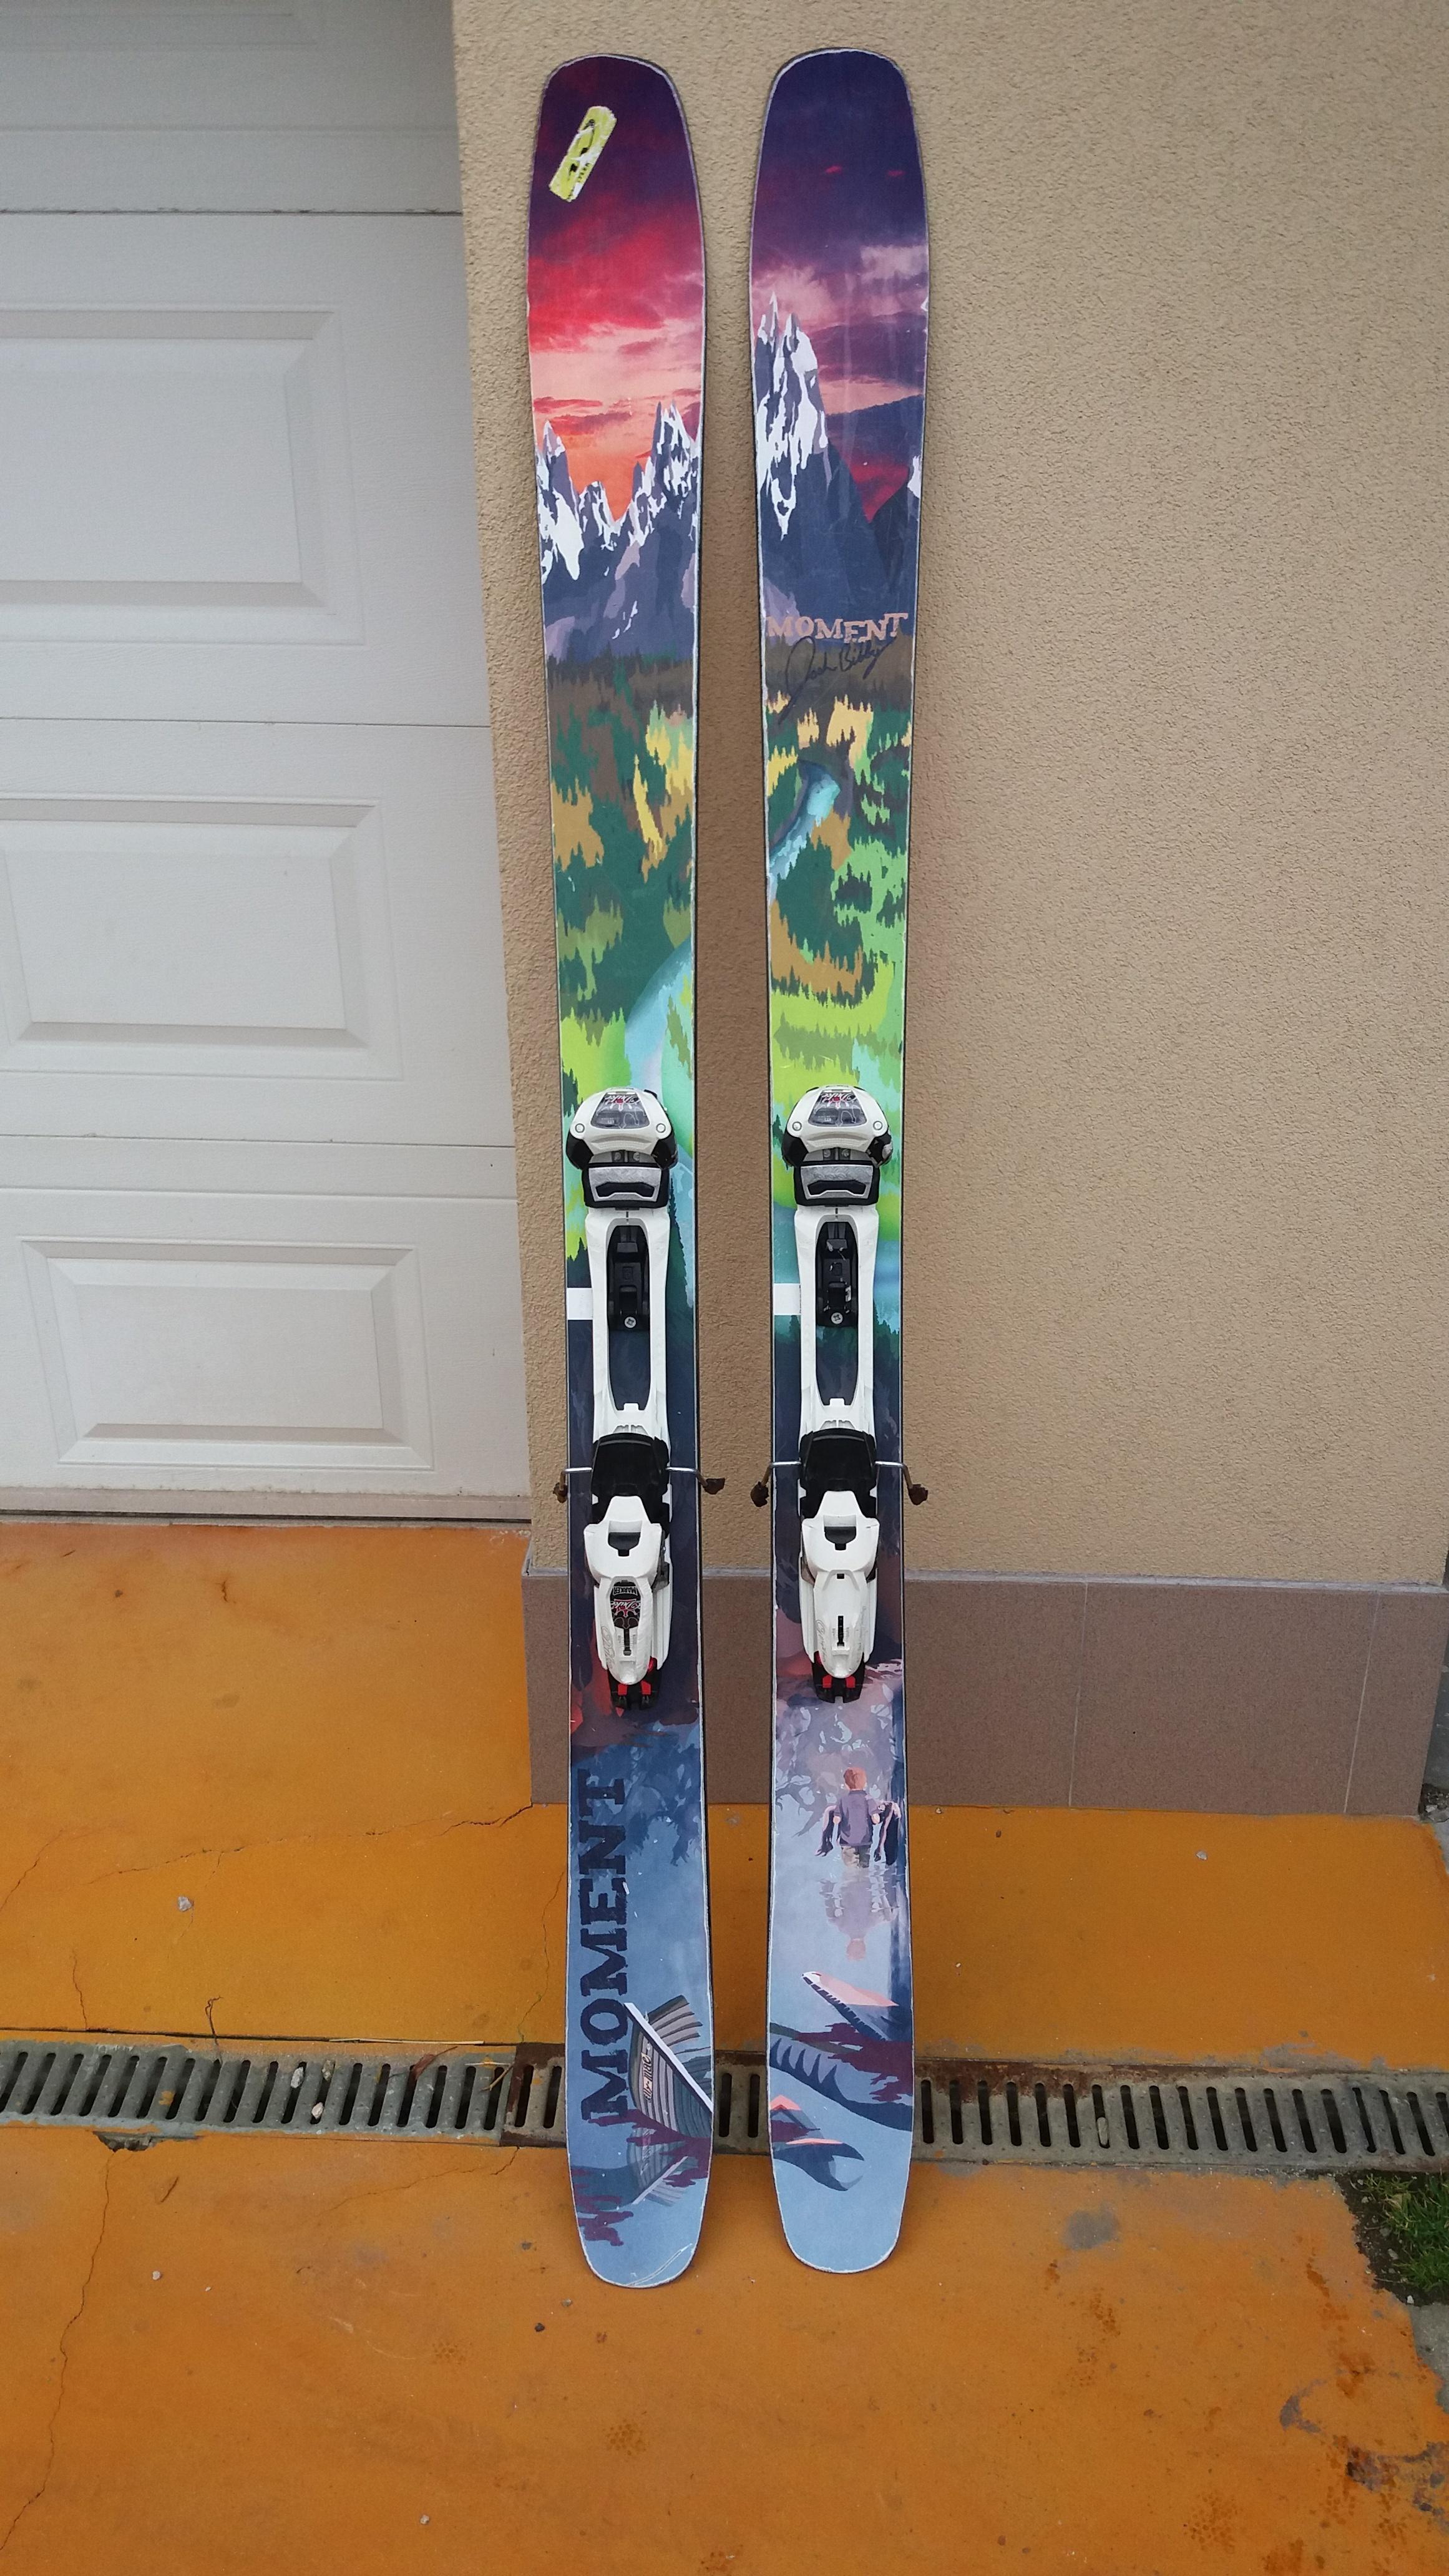 Freeride lyže Moment + vázání Marker Duke 16 - Bazar - SNOW.CZ 846272466d3